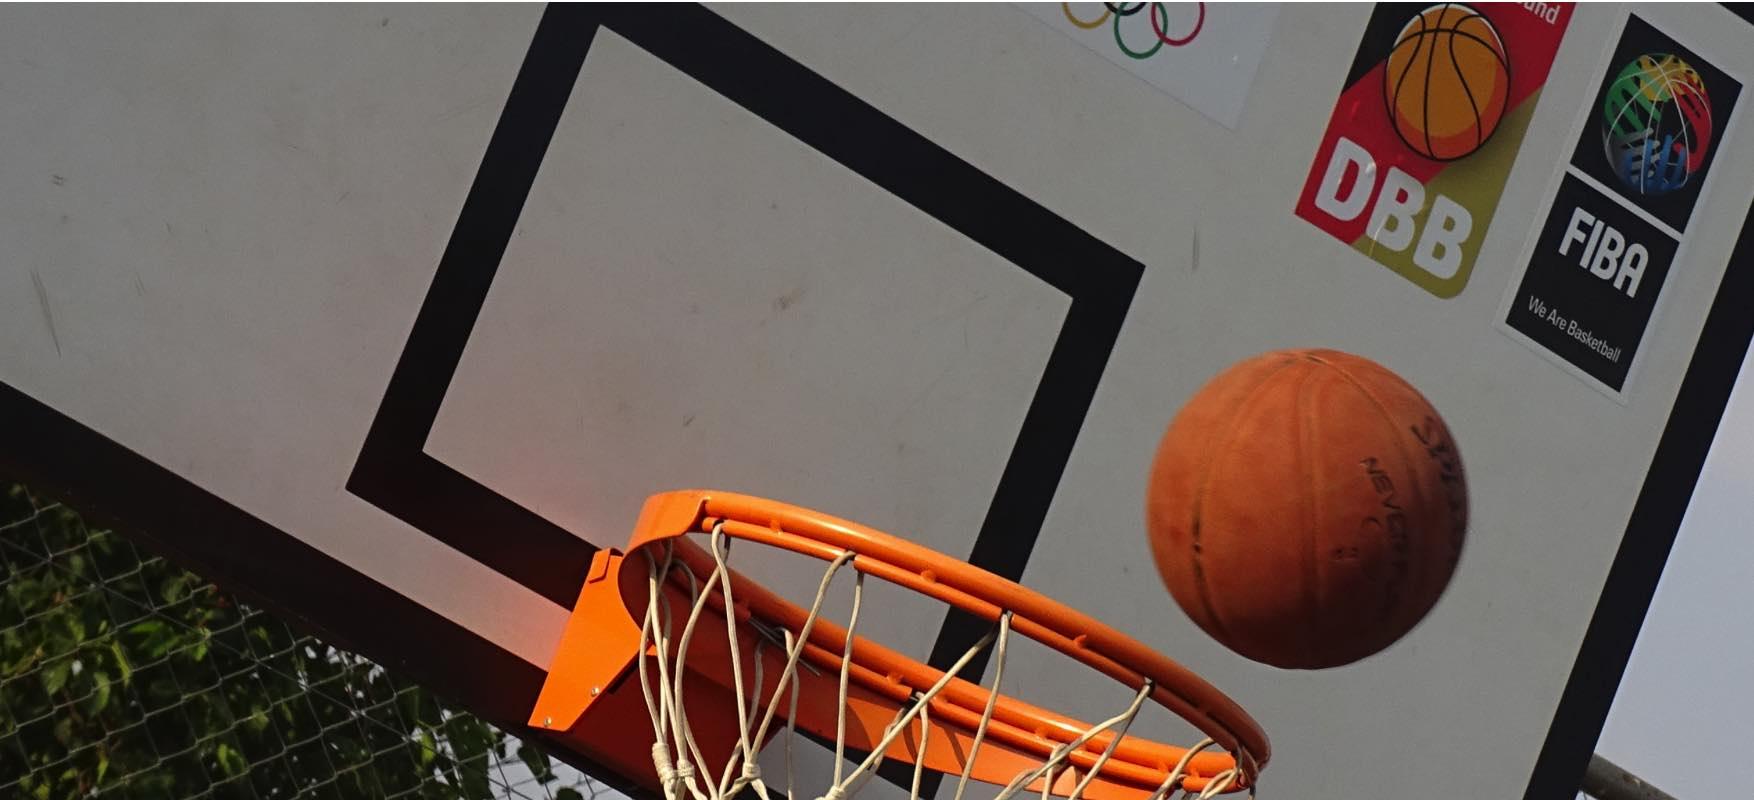 ein Basketabll, der in einen Korb hineinfliegt, bei der Stiftung BAS in Namibia.